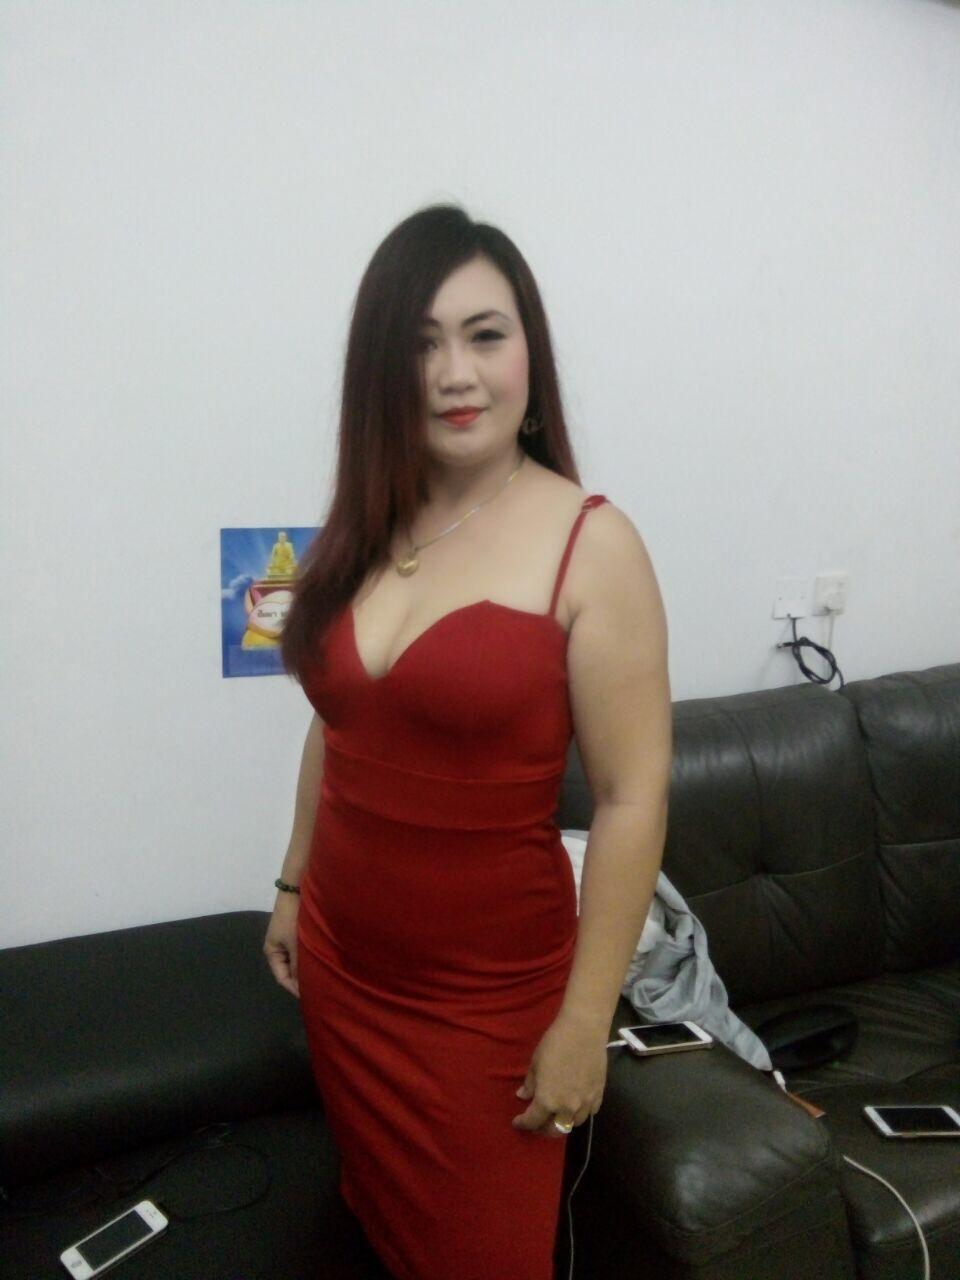 Ice Cool Thai Girl, Thai escort in Al Manama